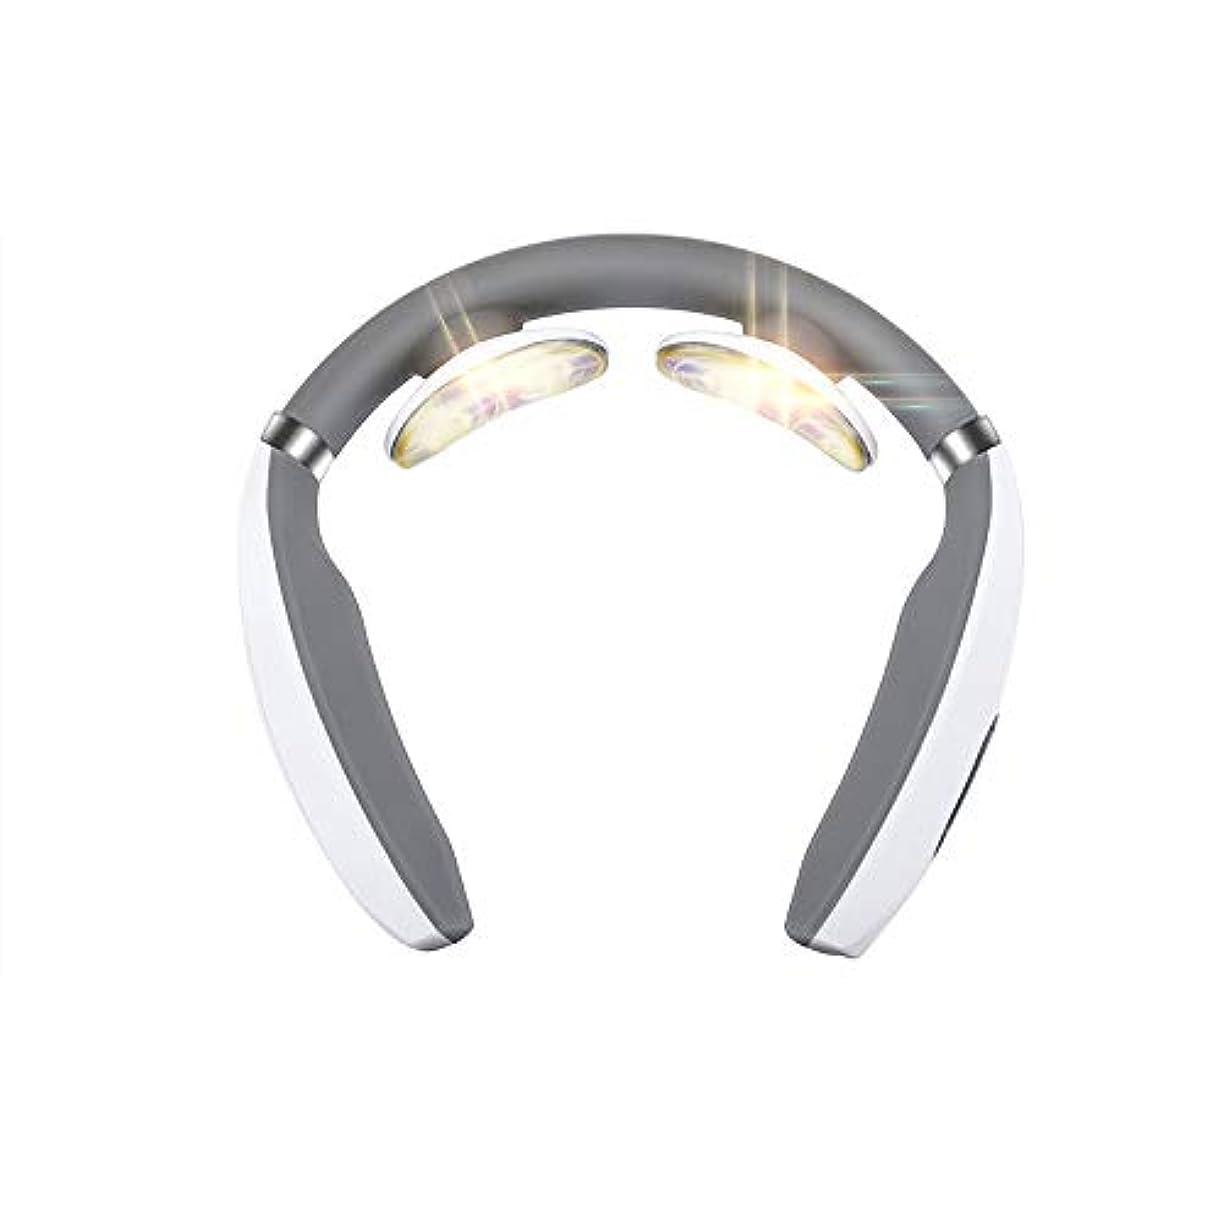 確認してください決定する回答首マッサージャー 正規品 マッサージ器 ネックマッサージャー 多機能 首のマッサージ器 usbで充電式 不眠症改善 家庭用&職場用&車用 ストレス解消グッズ 振動 温熱療法 疲労回復 頚椎ヘルニア 改善 マッサージモード調節可能 2019年最新版 3D頸椎マッサージャー 一年間質量保証